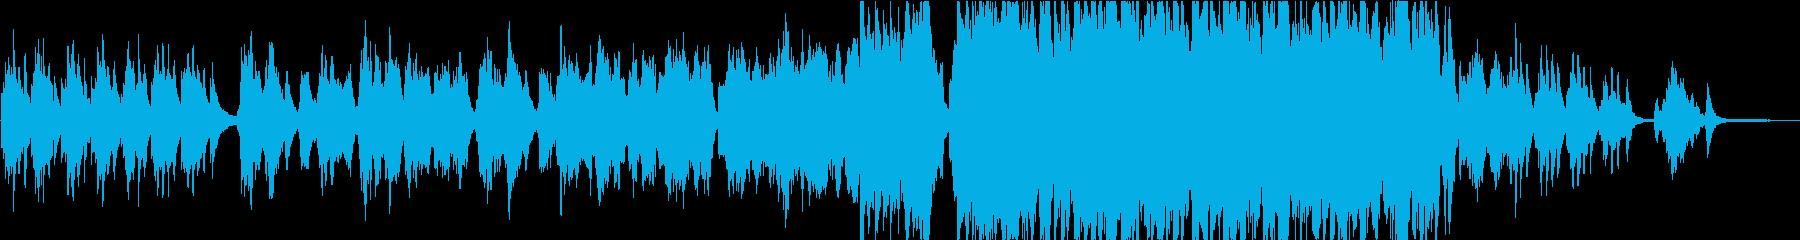 【生演奏】優しく切ないバイオリン曲の再生済みの波形